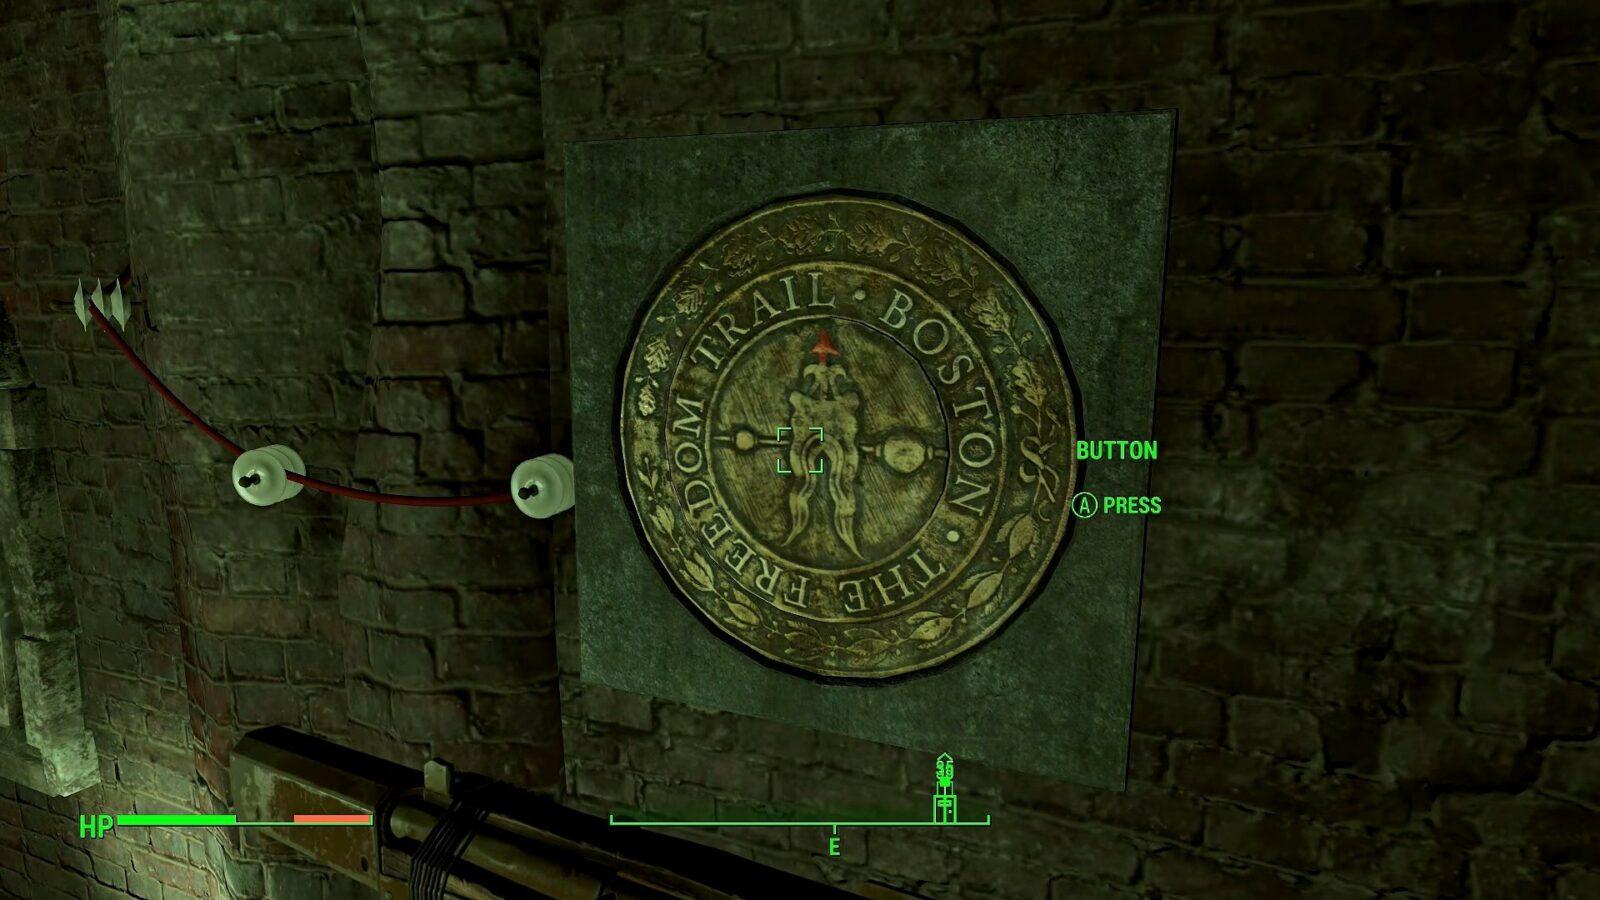 Какой код нужен для входа в подземку?